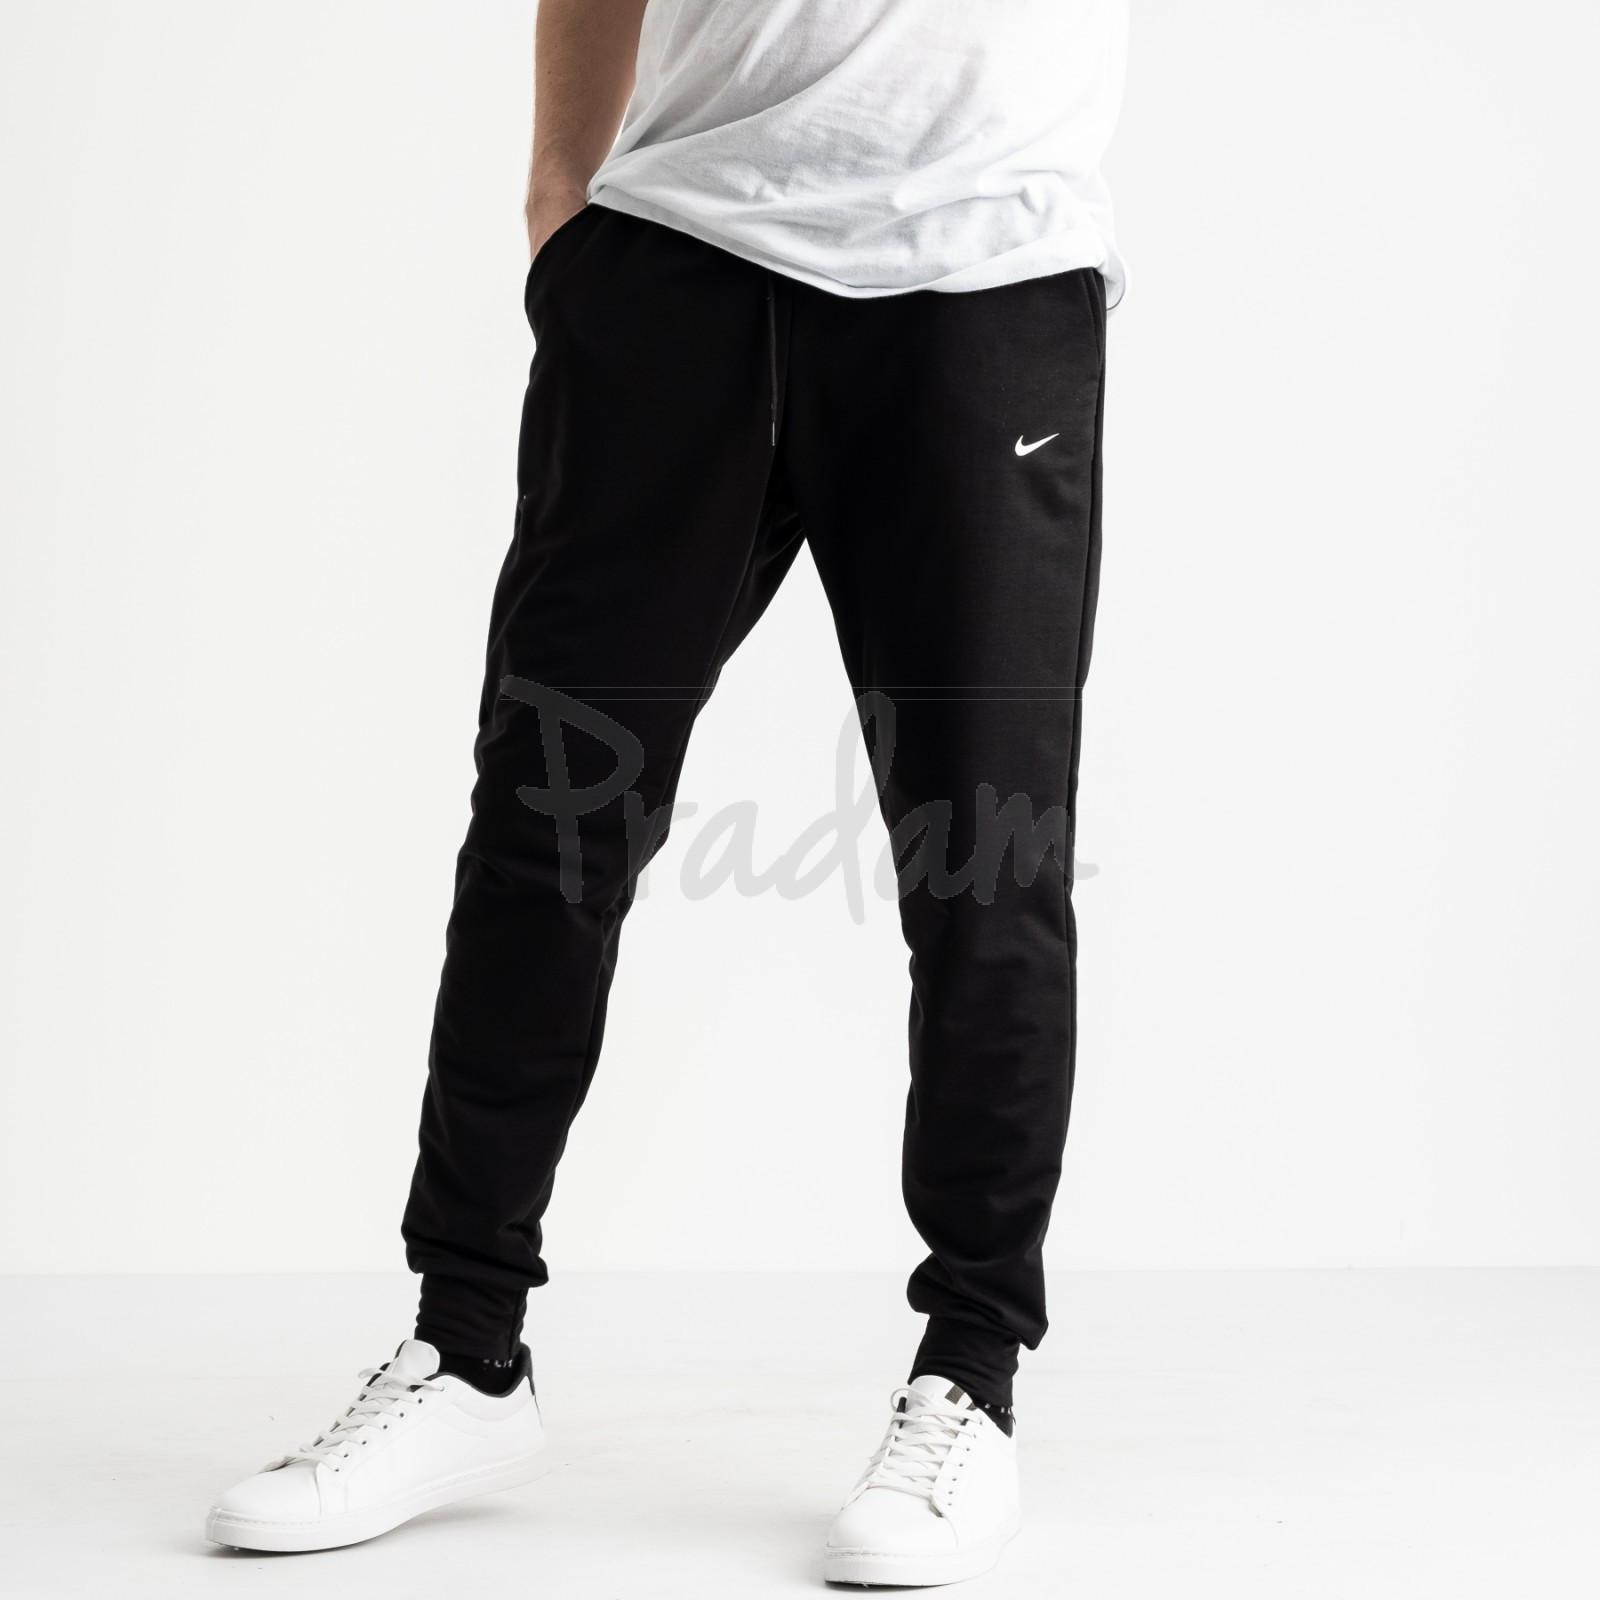 1621-11 Mishely черные мужские спортивные штаны из двунитки (4 ед. размеры: M.L.XL.2XL)